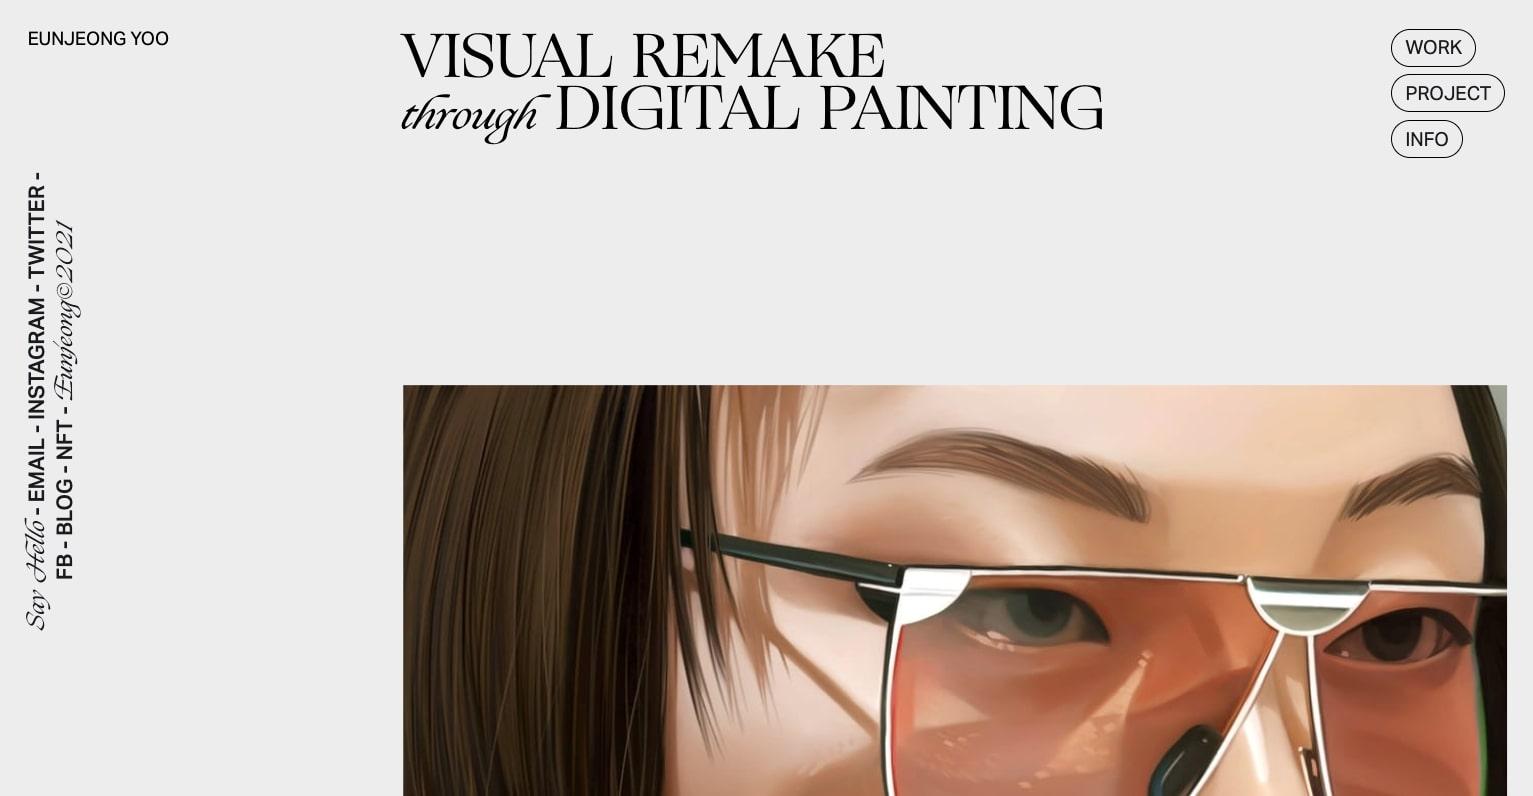 An image of EunJeong Yoo's new portfolio website.